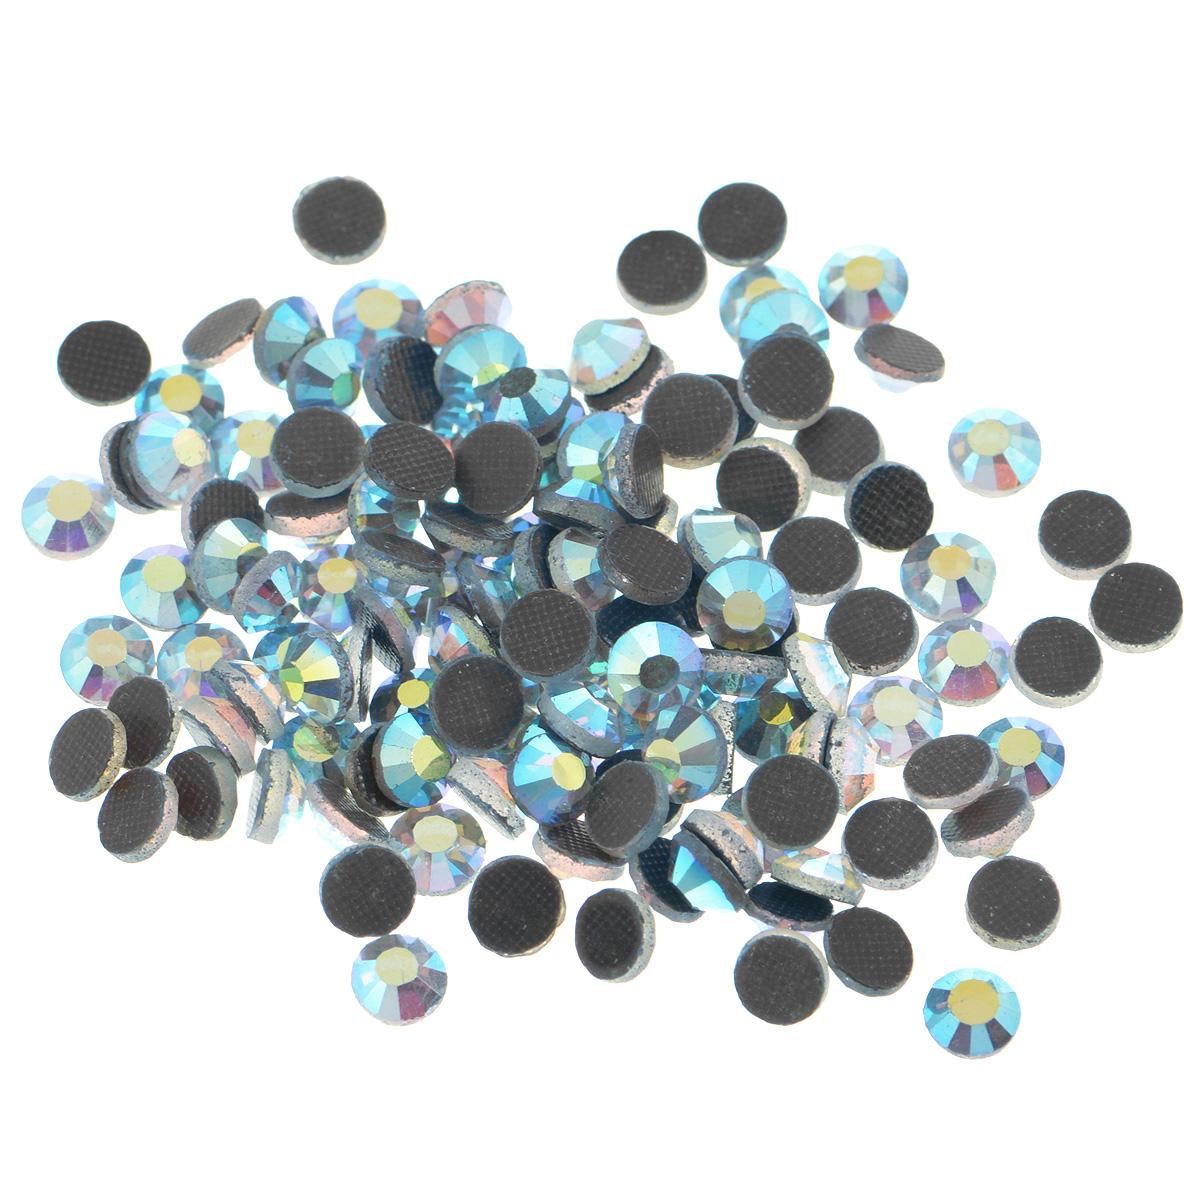 Стразы термоклеевые Cristal, цвет: светло-синий (243АВ), диаметр 4,8 мм, 144 шт7706832_243АВНабор термоклеевых страз Cristal, изготовленный из высококачественного акрила, позволит вам украсить одежду, аксессуары или текстиль. Яркие стразы имеют плоское дно и круглую поверхность с гранями. Дно термоклеевых страз уже обработано особым клеем, который под воздействием высоких температур начинает плавиться, приклеиваясь, таким образом, к требуемой поверхности. Чаще всего их используют в текстильной промышленности: стразы прикладывают к ткани и проглаживают утюгом с обратной стороны. Также можно использовать специальный паяльник. Украшение стразами поможет сделать любую вещь оригинальной и неповторимой. Диаметр стразы: 4,8 мм.